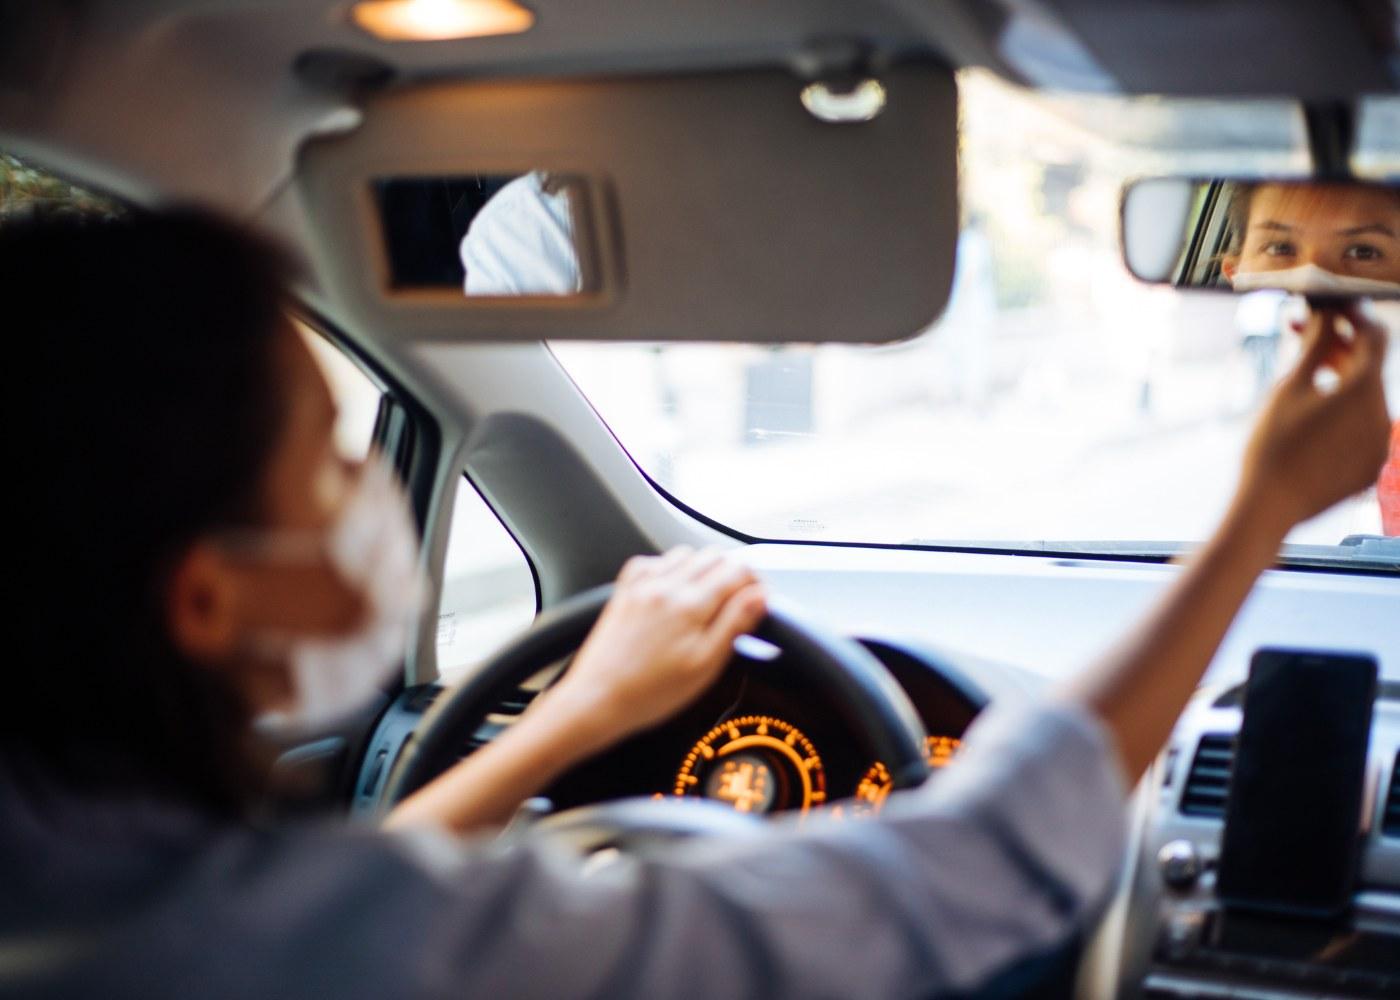 mulher com máscara a ajustar o espelho retrovisor do carro